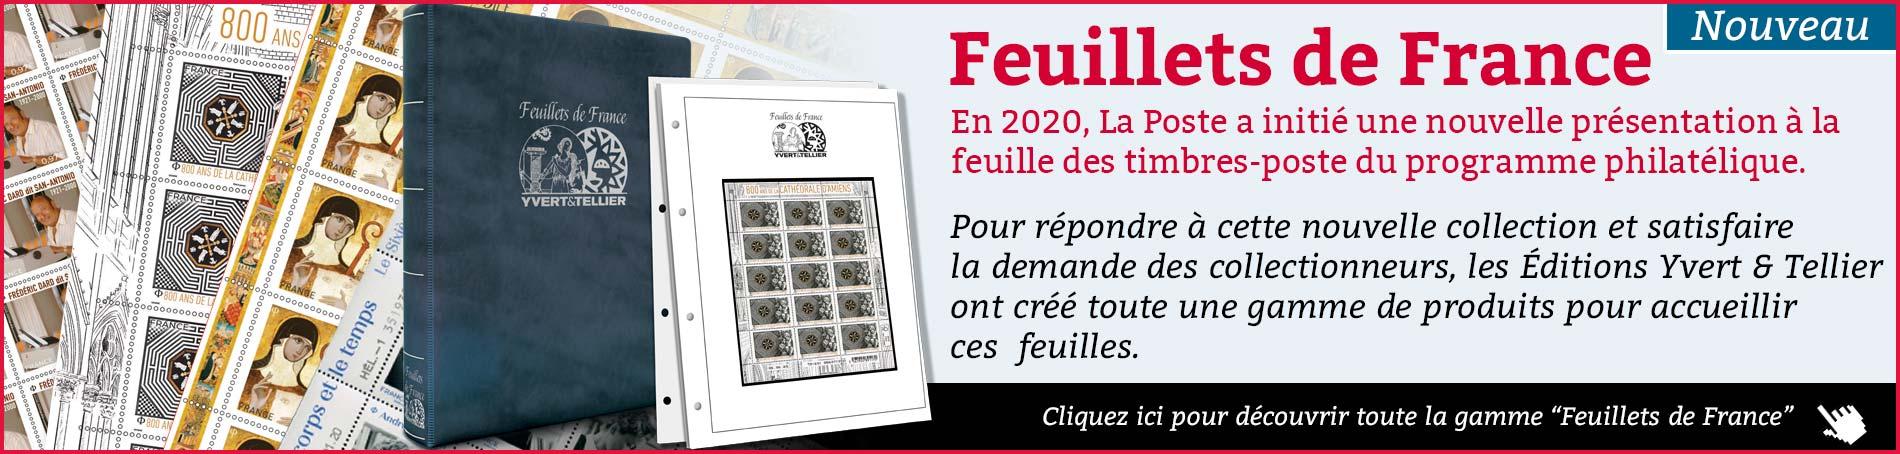 Feuilets de France